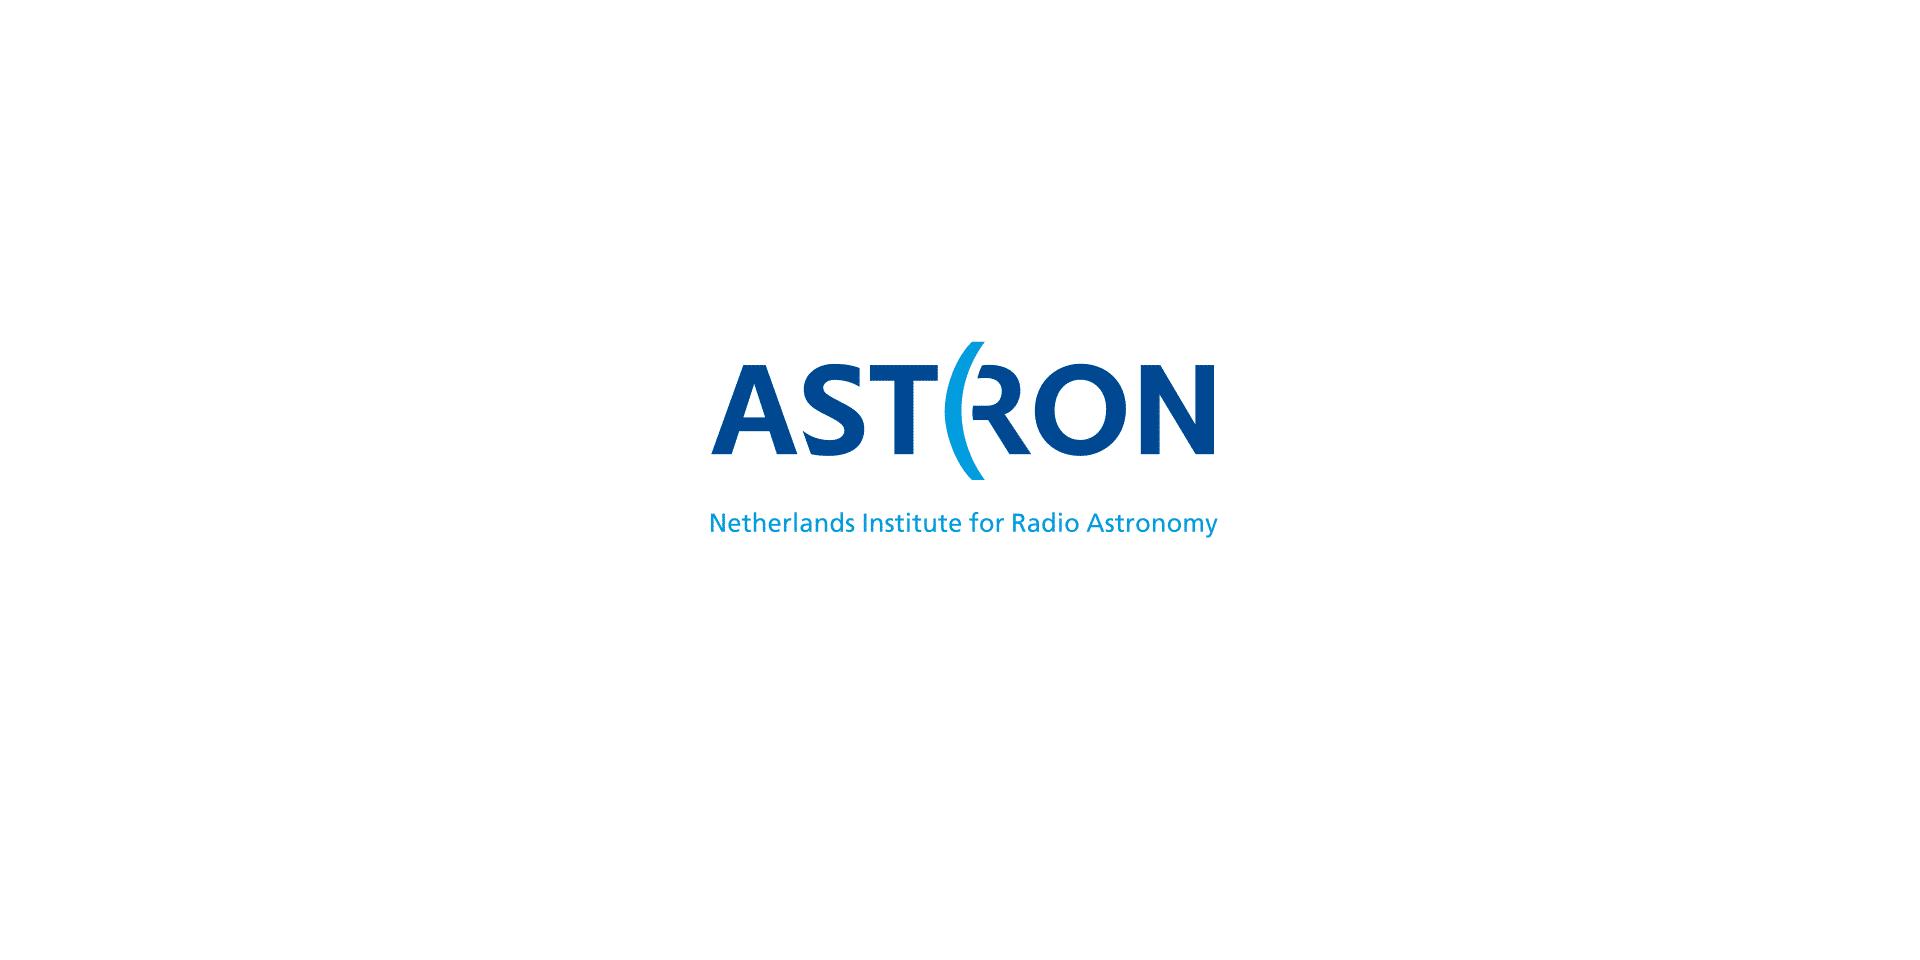 Astron - Dwingeloo